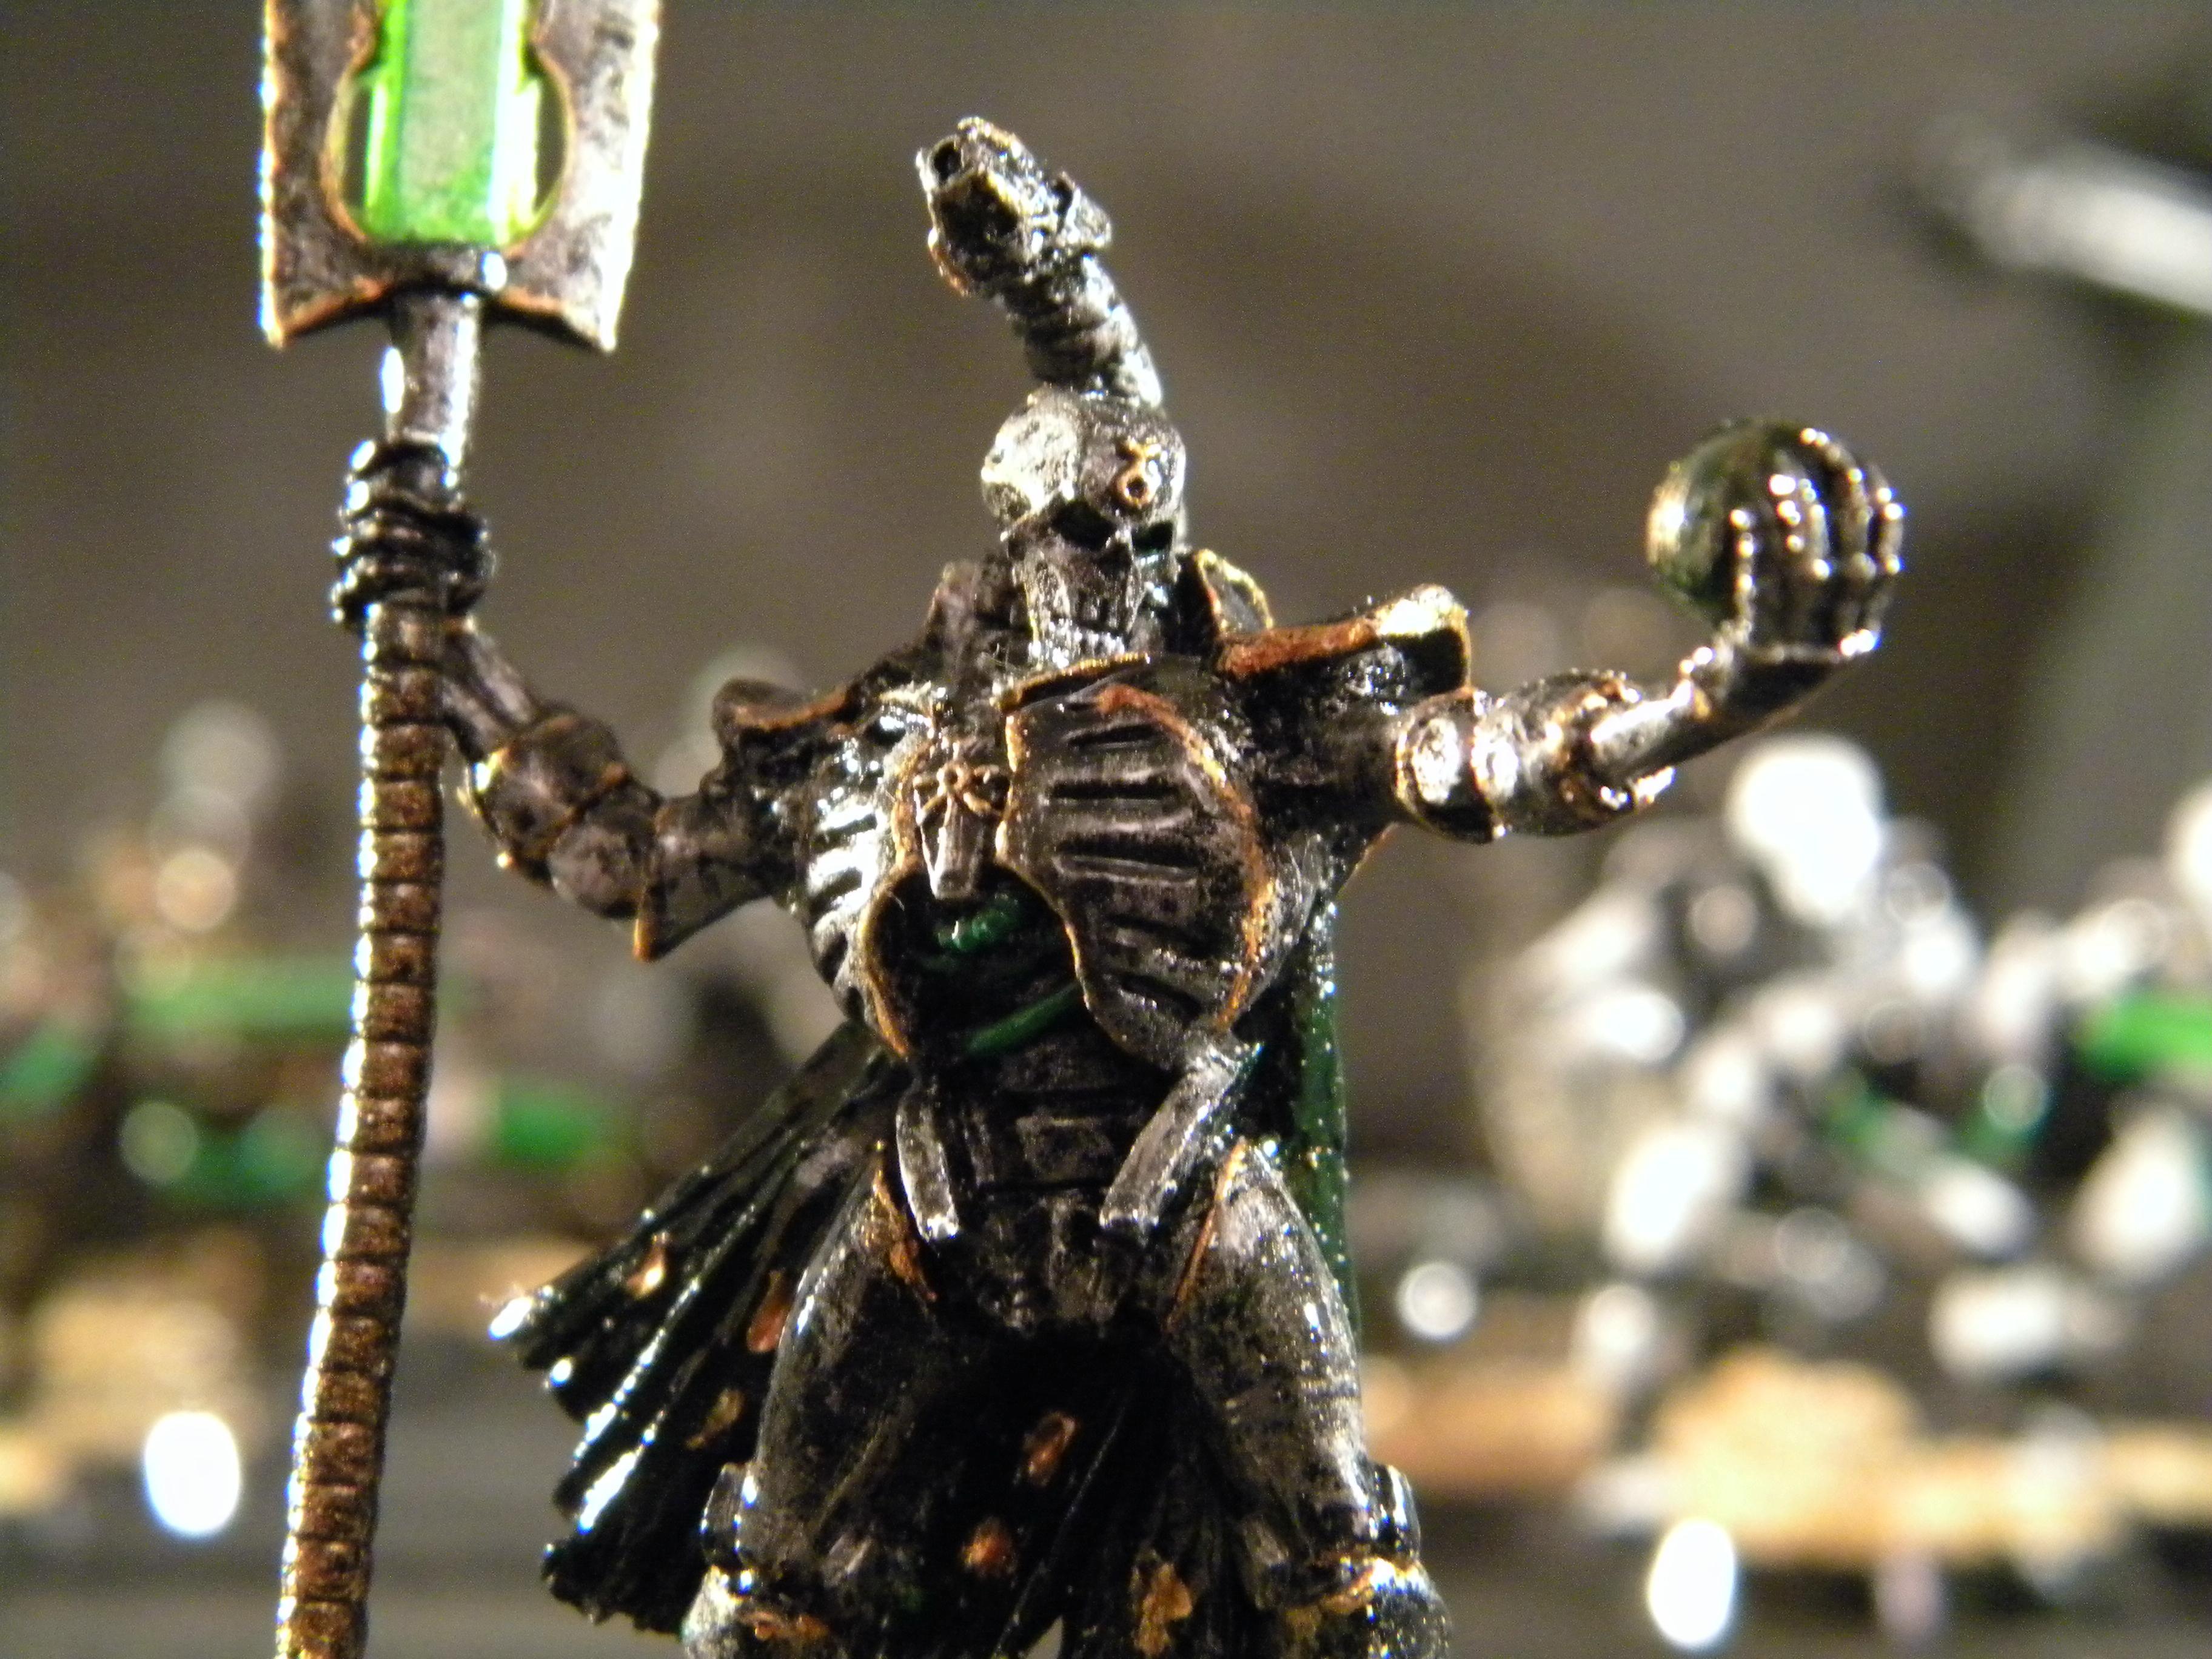 Necron Lord, Necrons